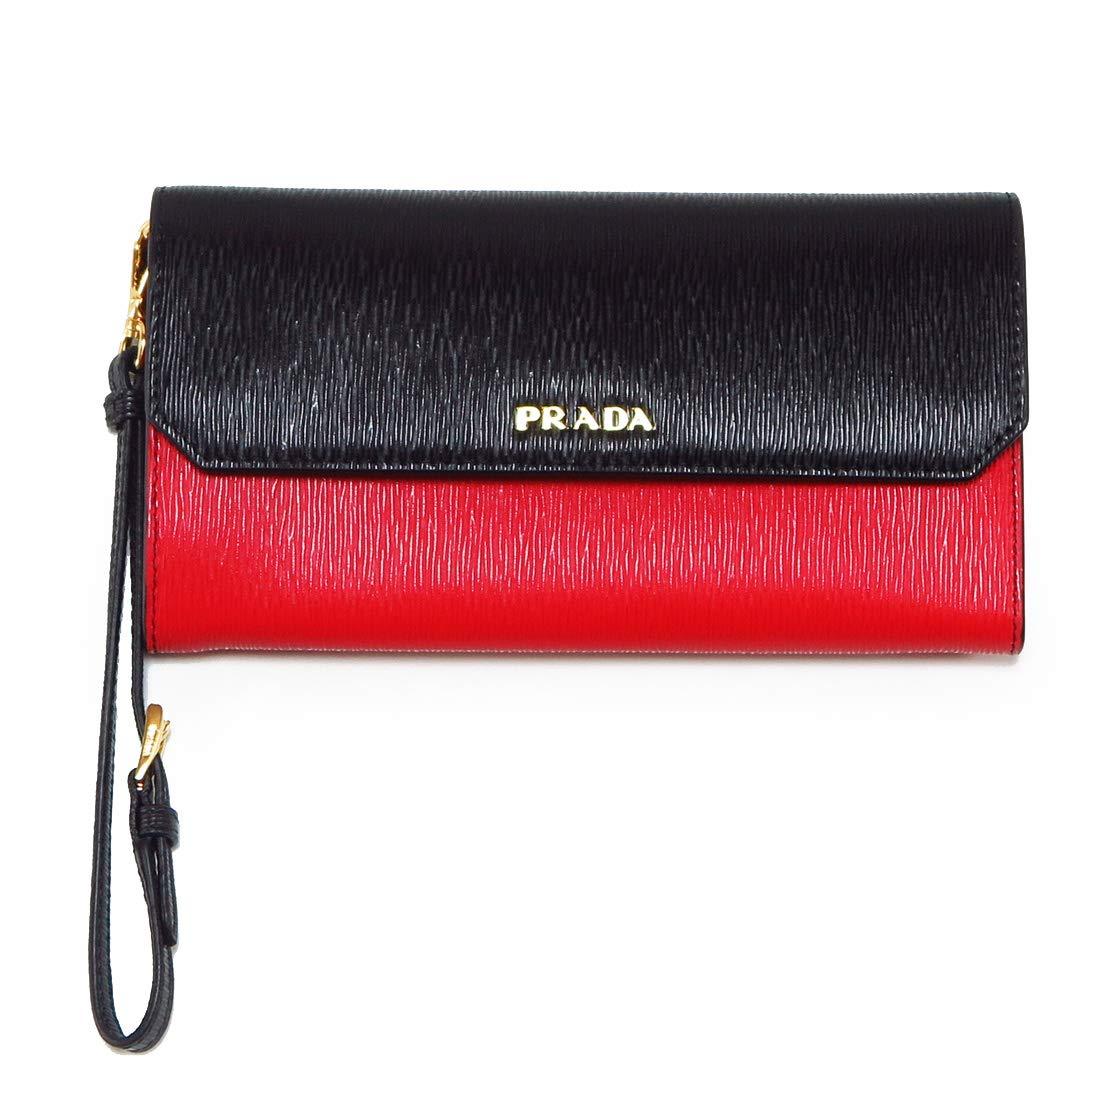 プラダ 財布 レディース PRADA 長財布 メンズ 二つ折り長財布 1DF003 [並行輸入品] B07NRDRZF9